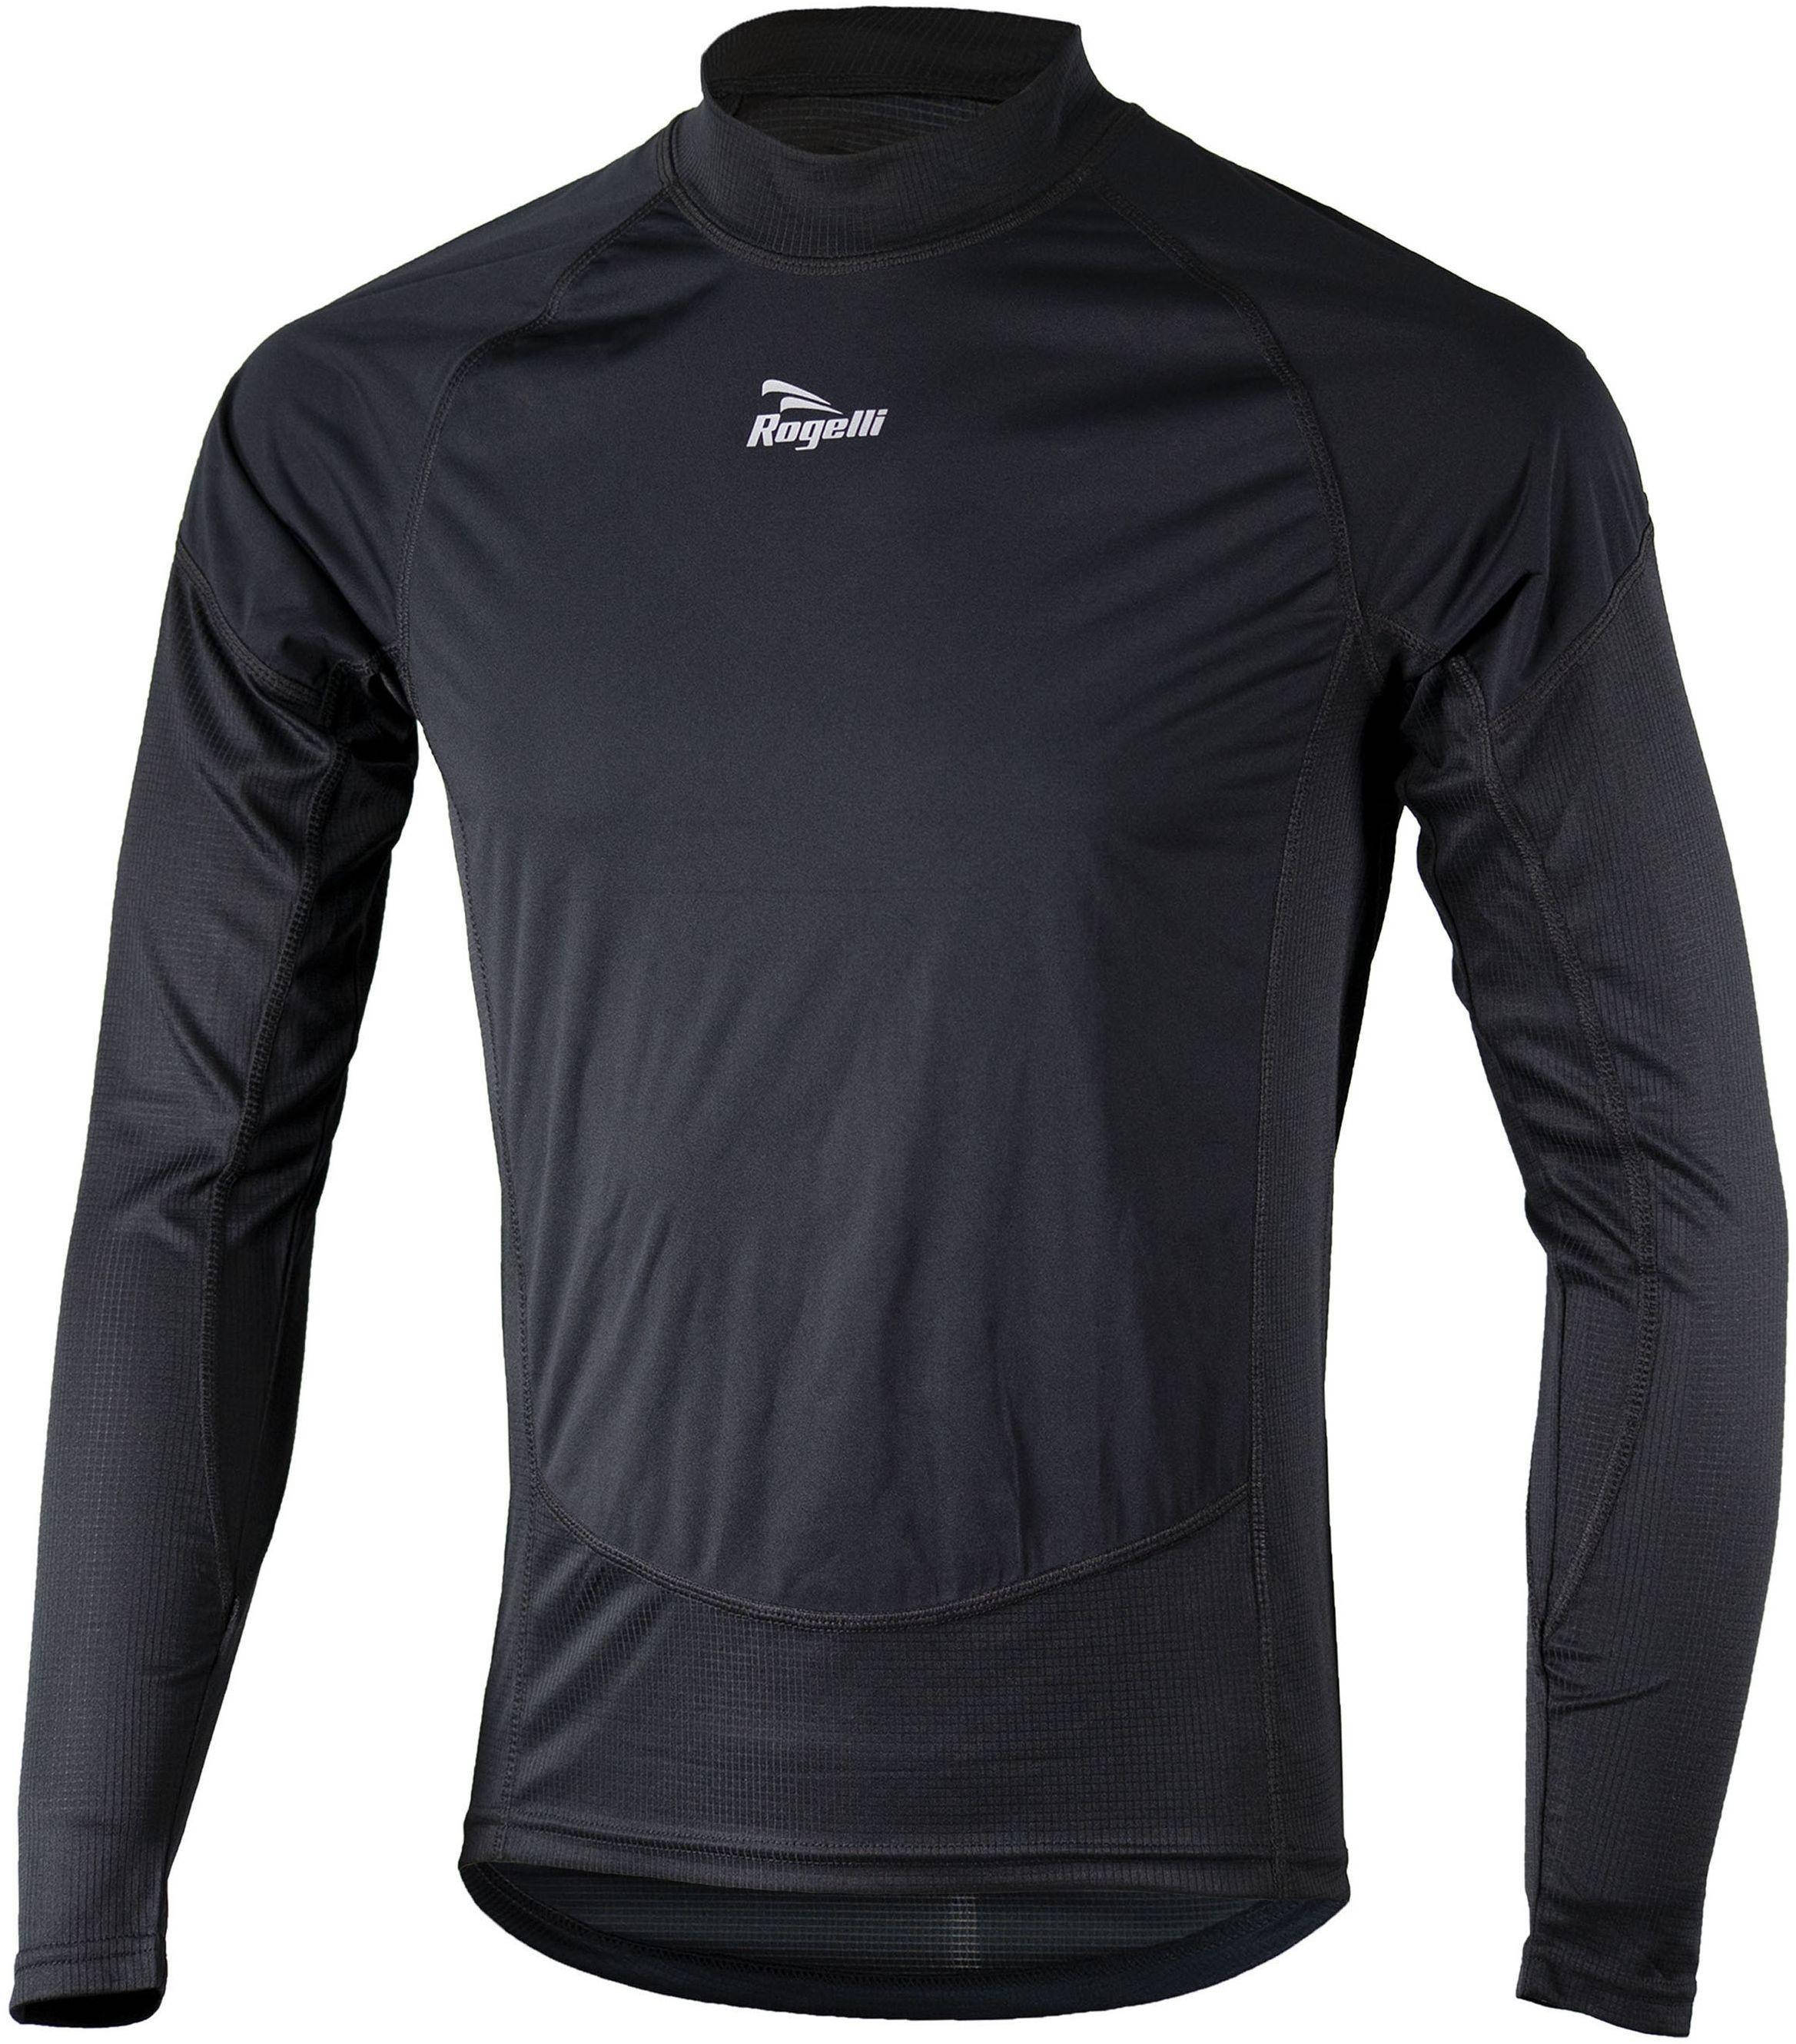 ROGELLI bielizna męska koszulka z panelami NO-WIND 070.025 Rozmiar: L,rog-no-wind-black